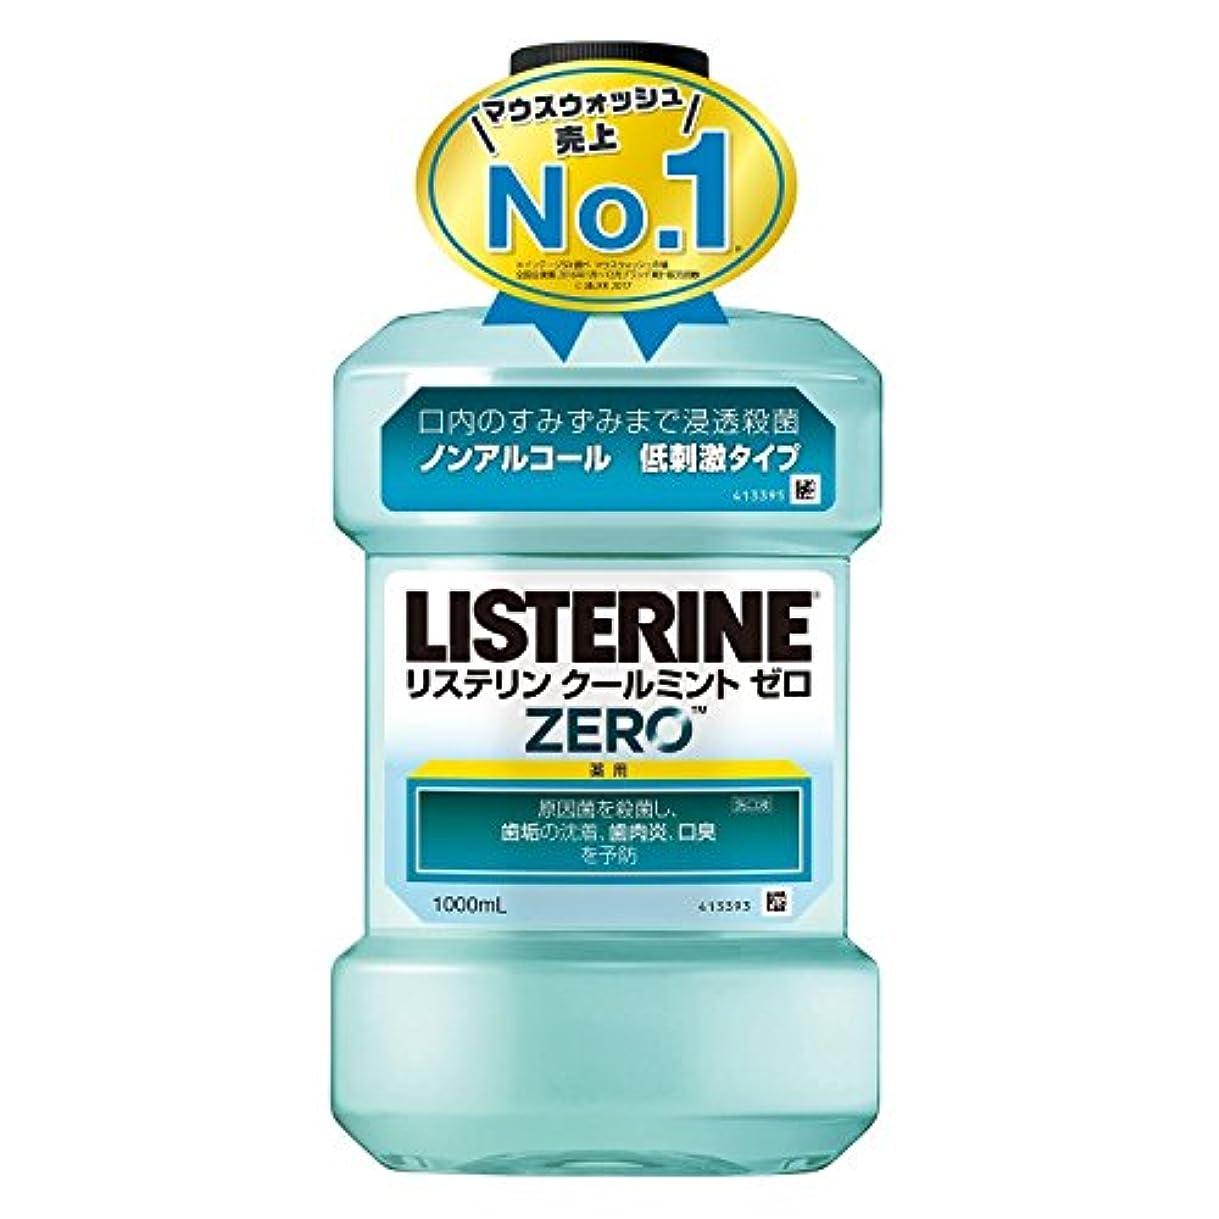 【大容量2本】薬用 リステリン クールミントゼロ マウスウォッシュ 低刺激 1000mLx2本(4901730160117-2)